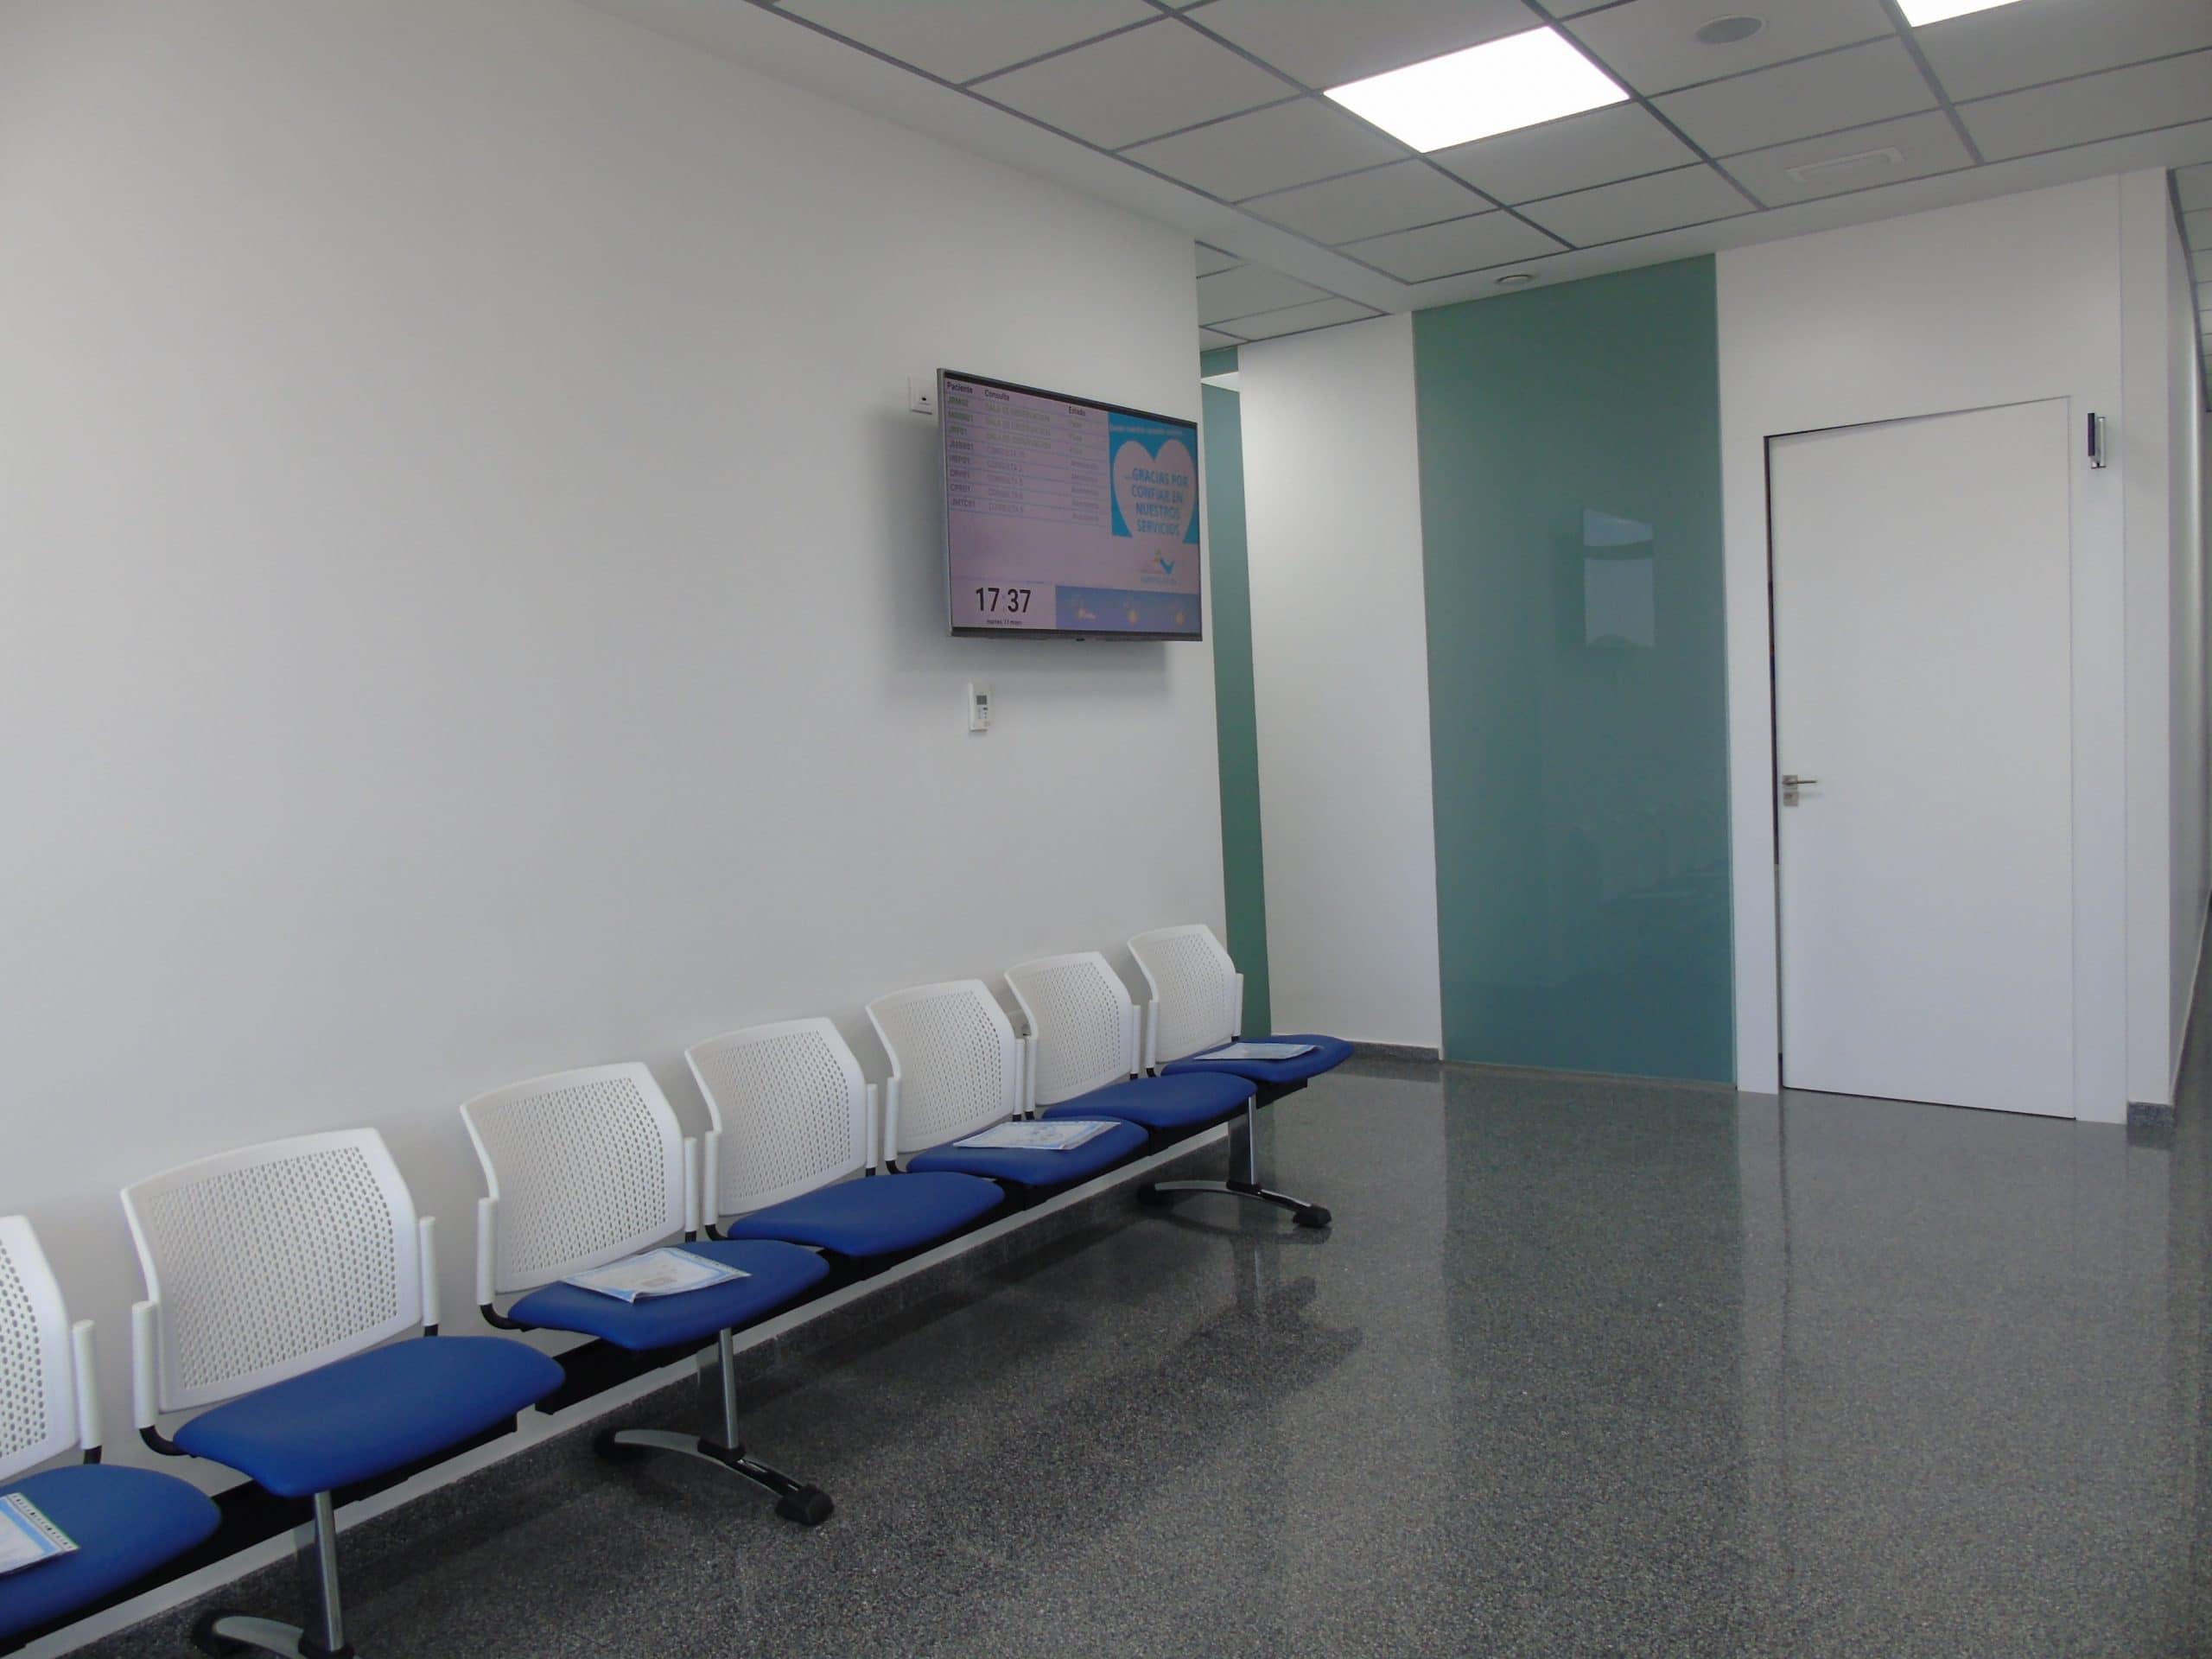 sala de espera parejo y cañero